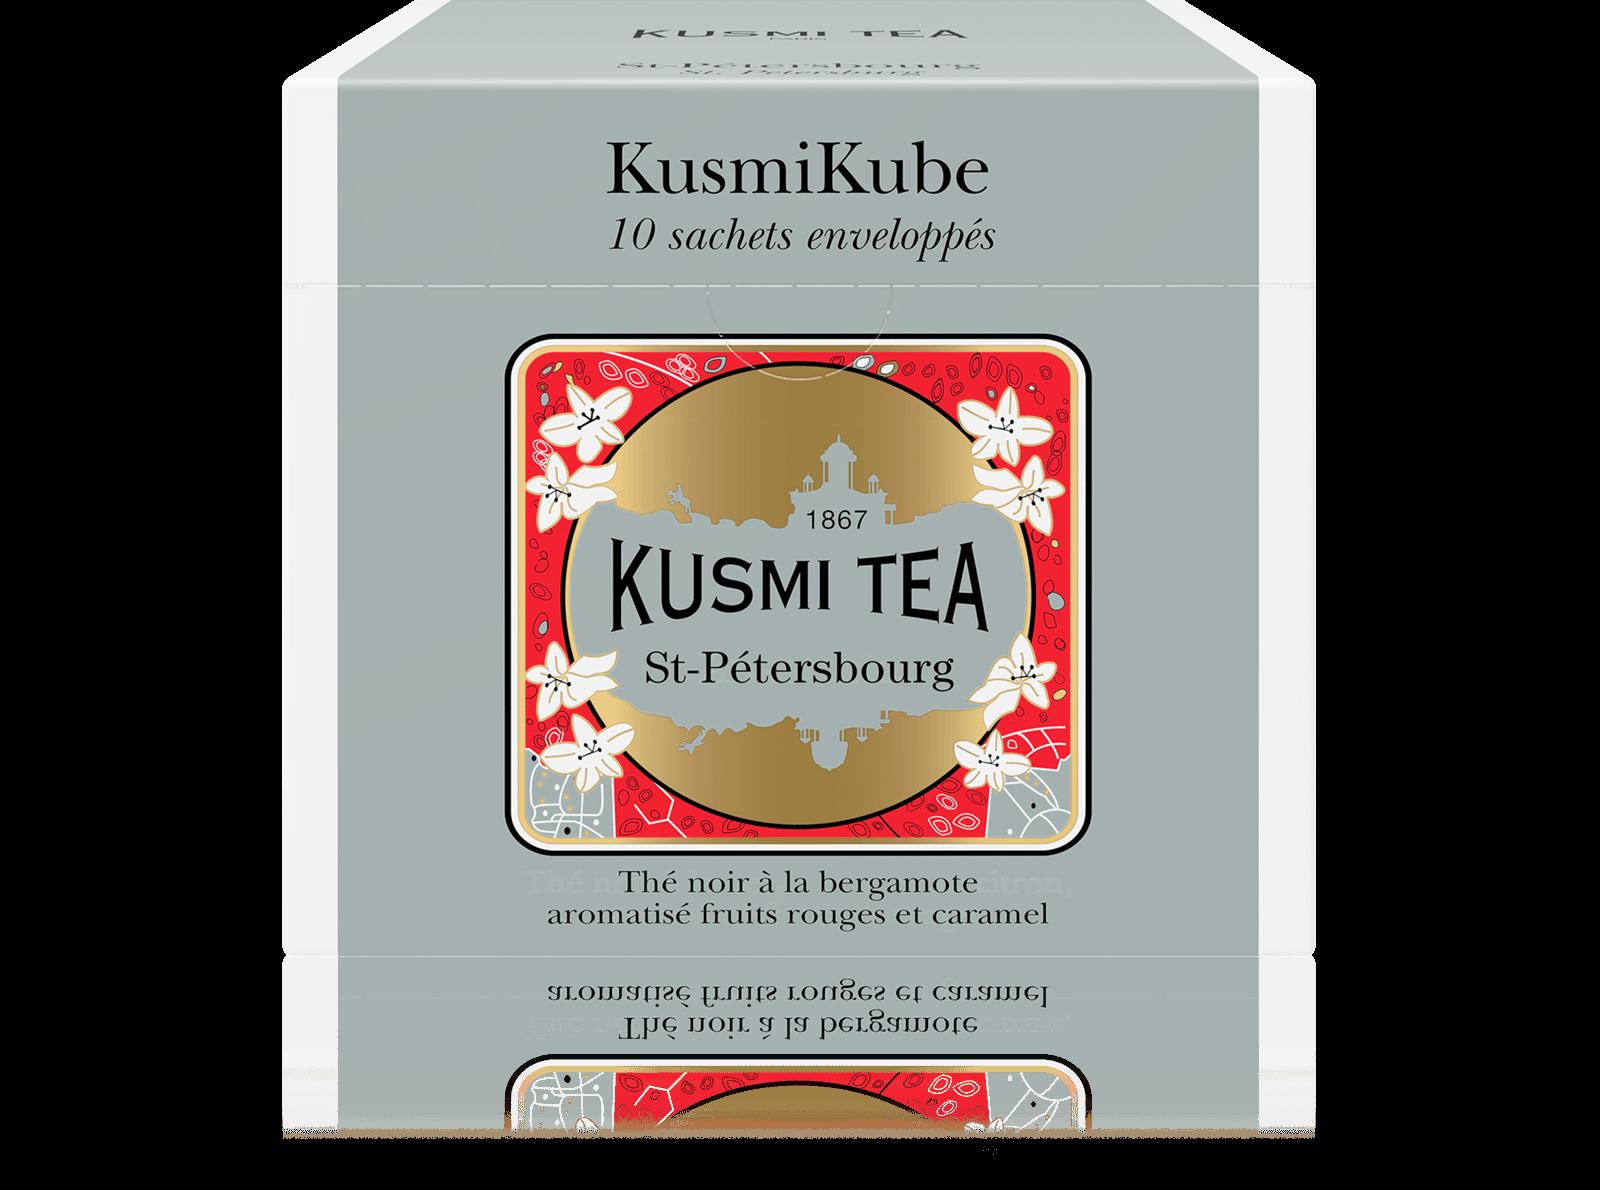 St-Pétersbourg - Thé noir à la bergamote aromatisé fruits rouges et caramel - Sachets de thé - Kusmi Tea